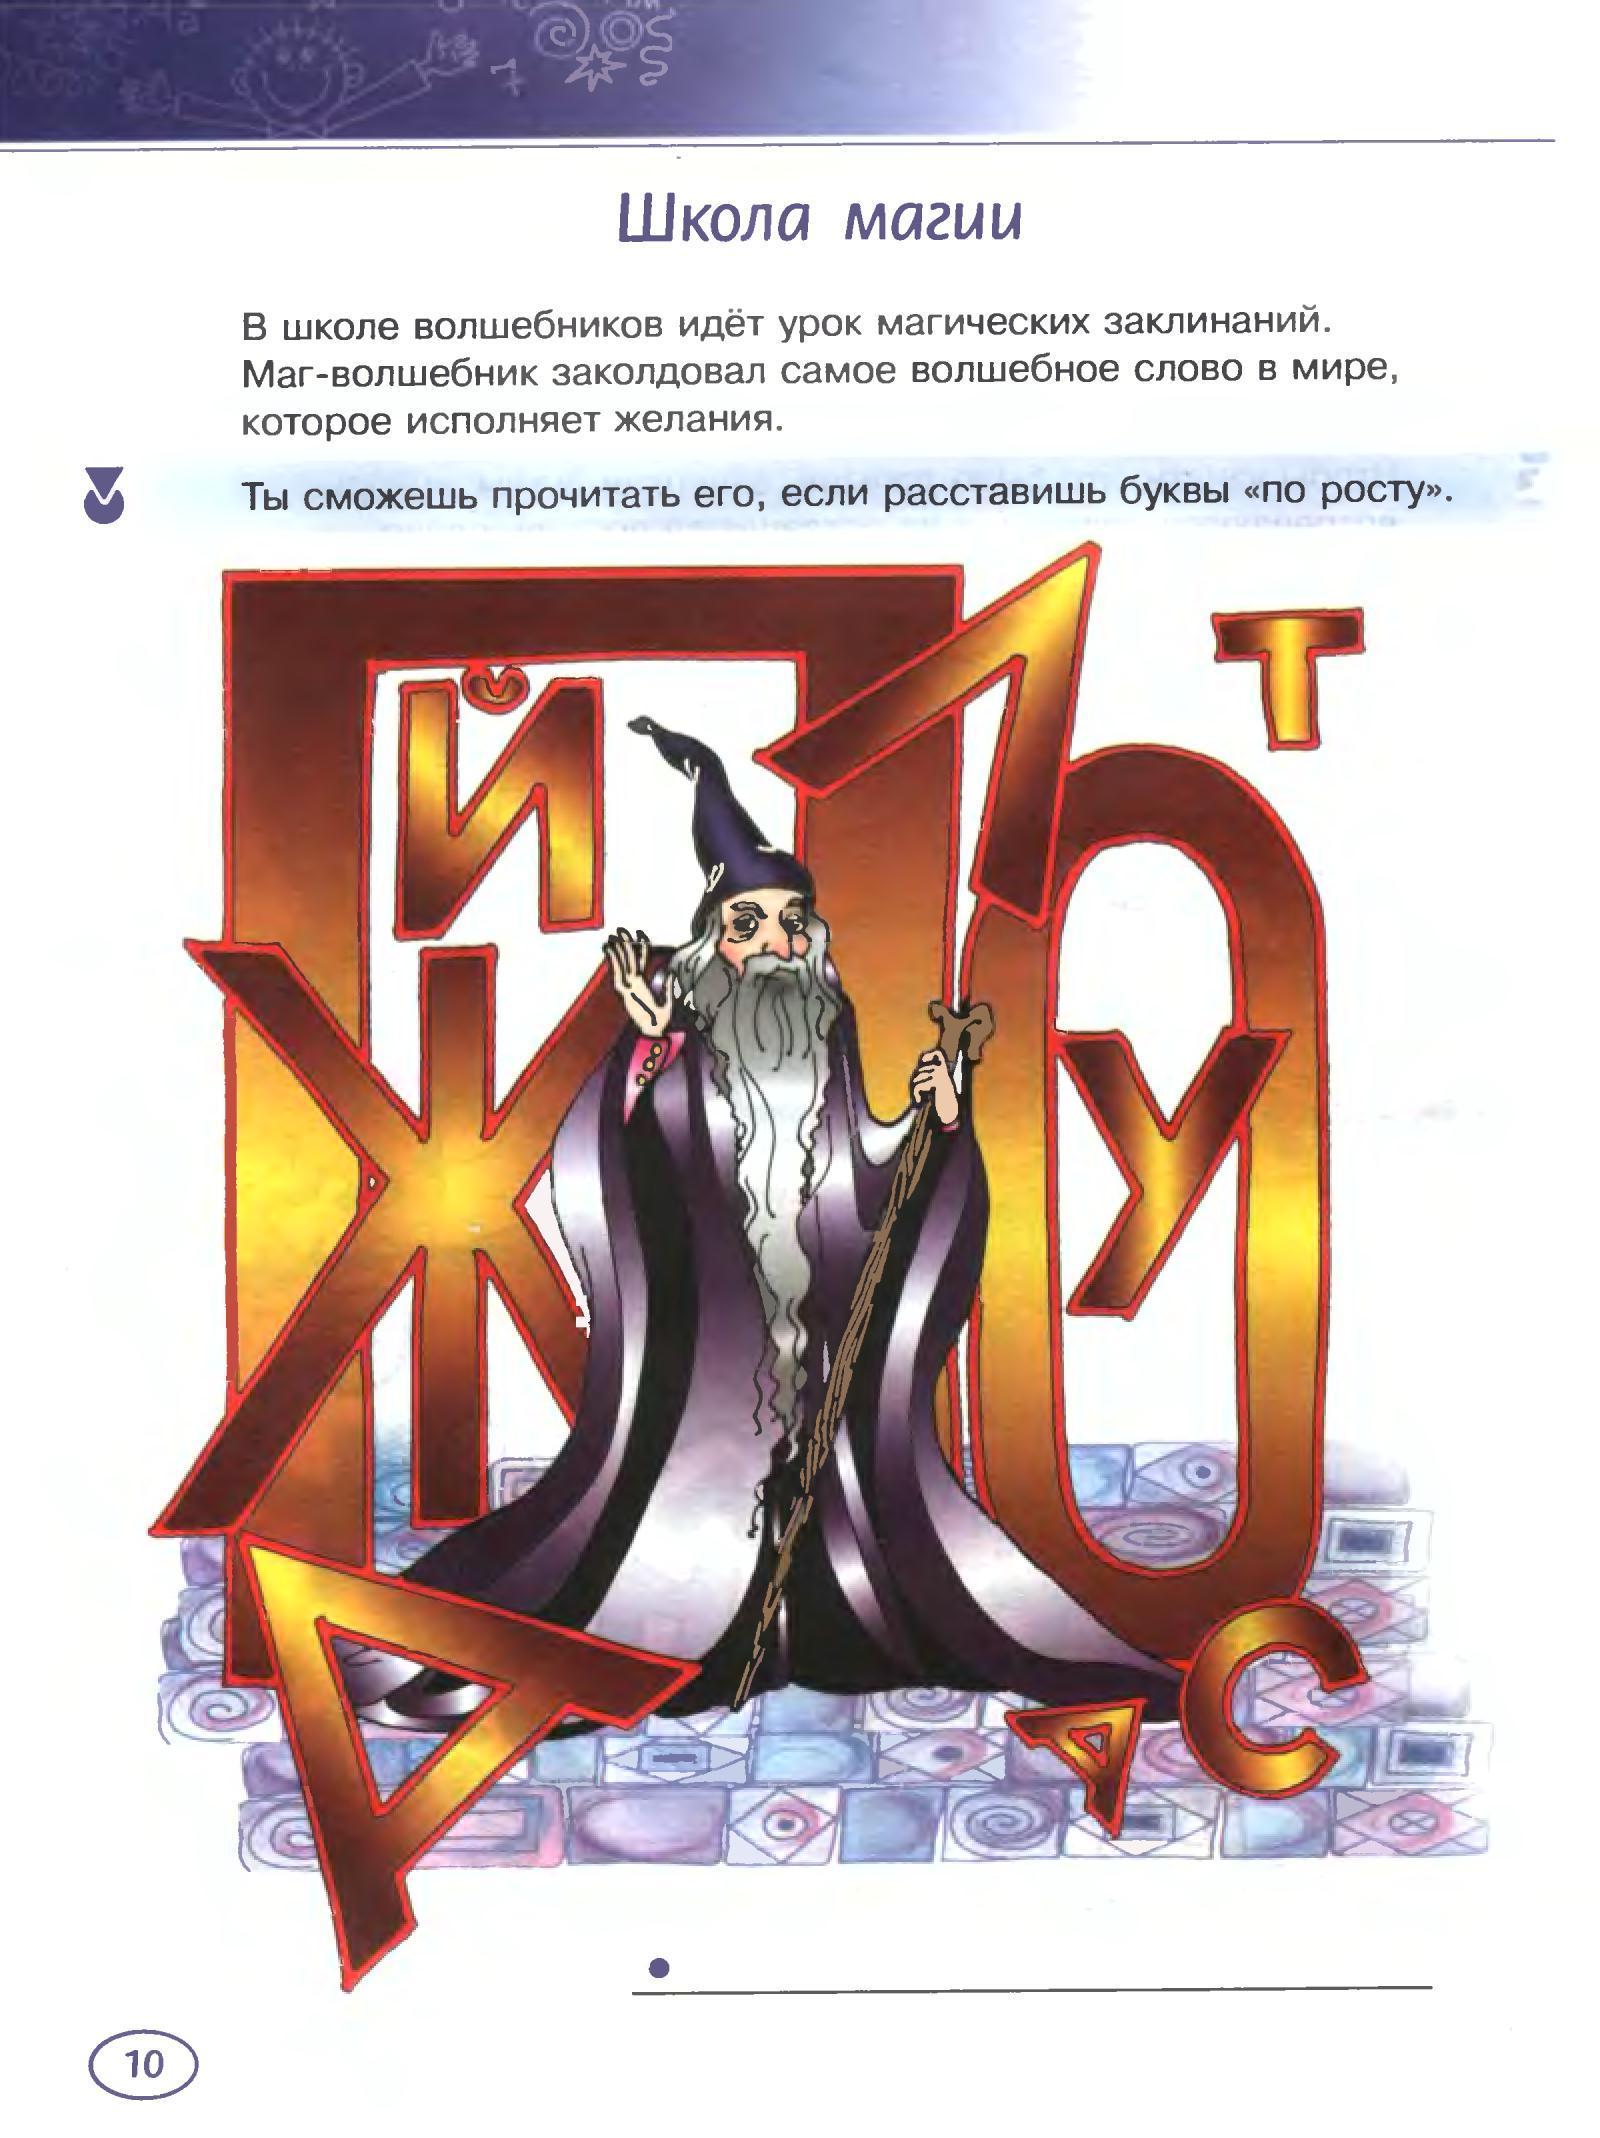 hello_html_m1f1b3115.jpg